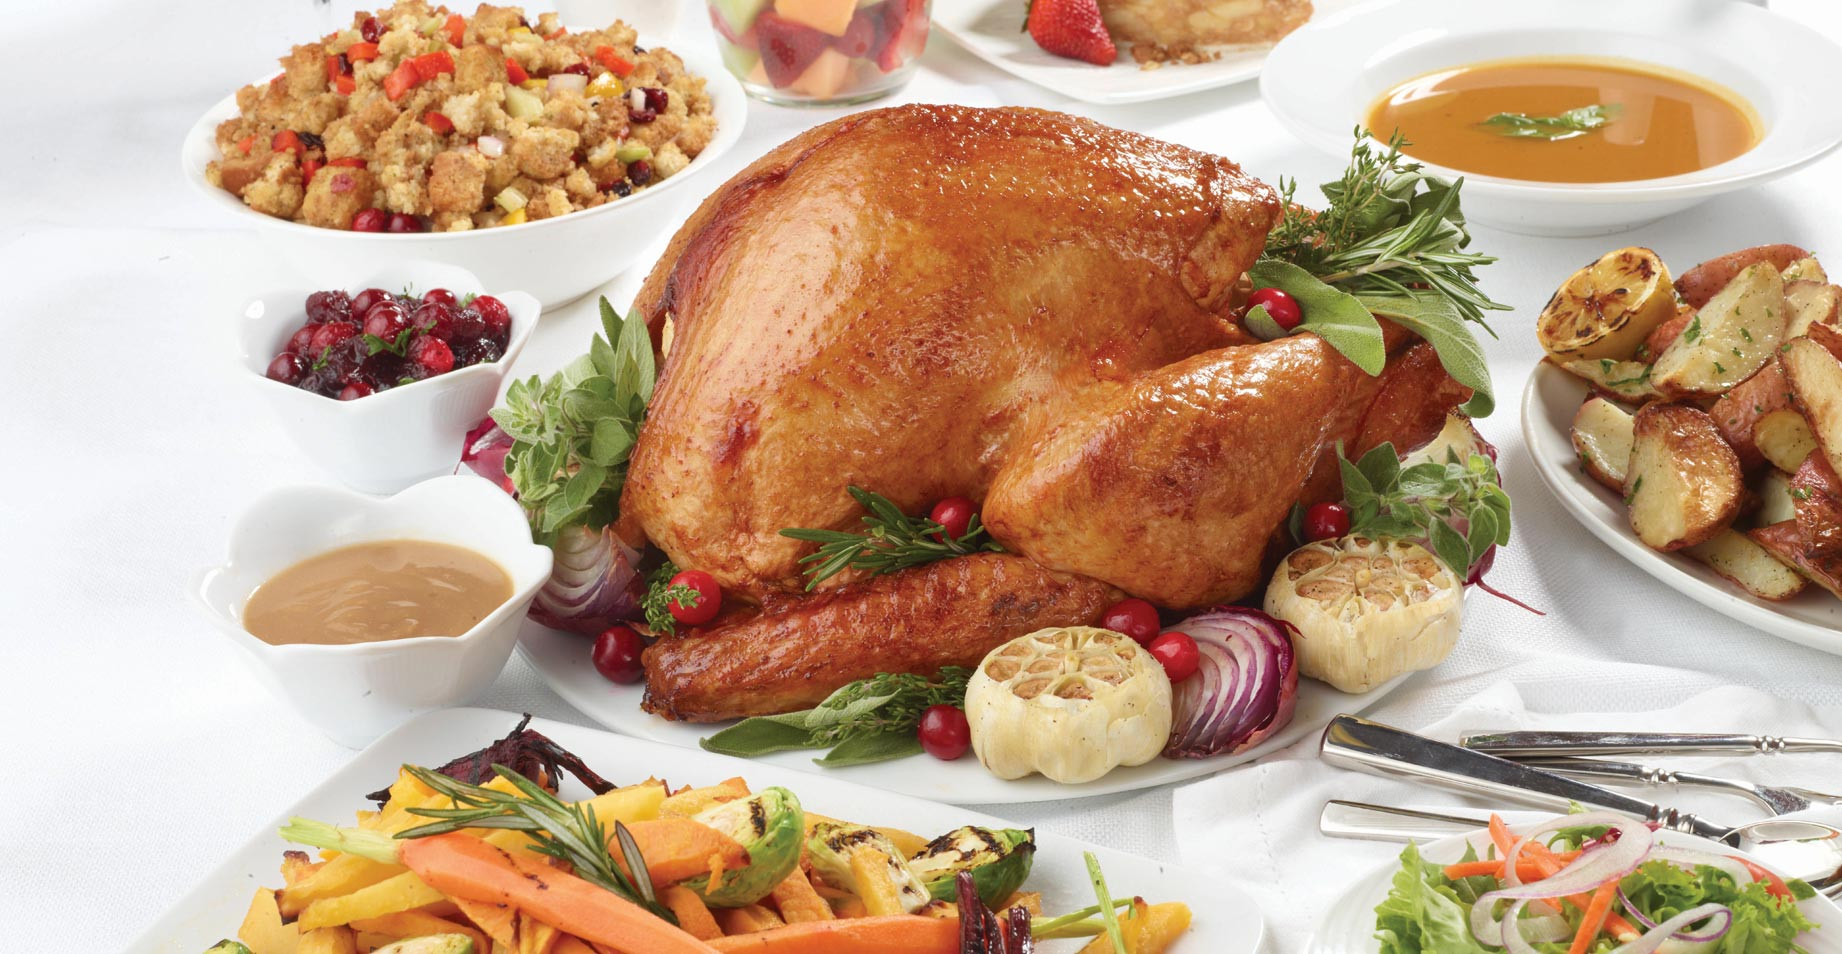 Turkey Dinner To Go  plete Turkey Dinner Precarved